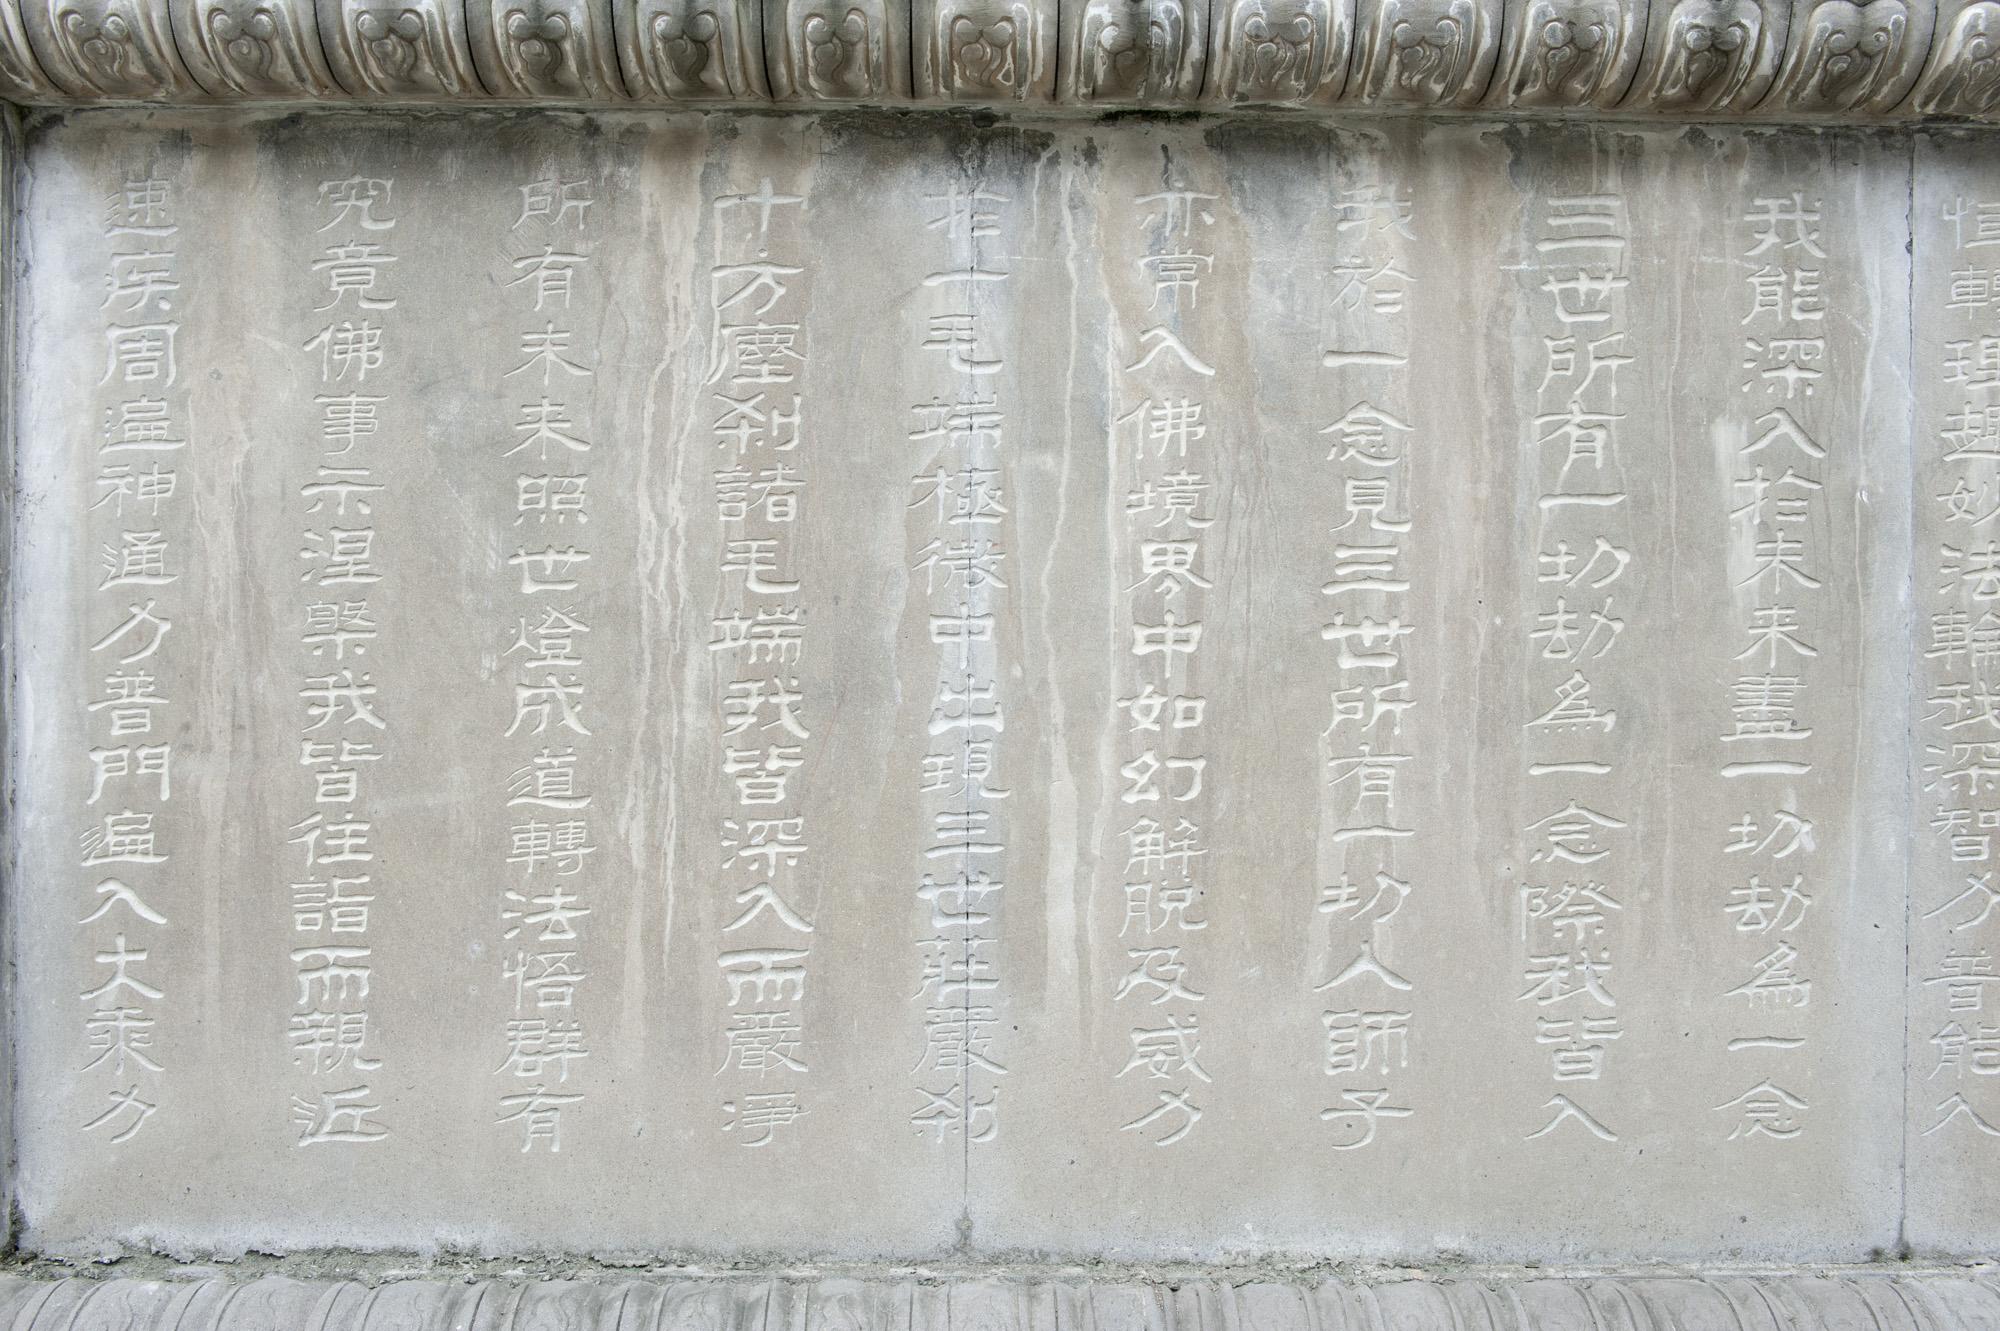 Chengdu_Wenshayuan-006566_.jpg